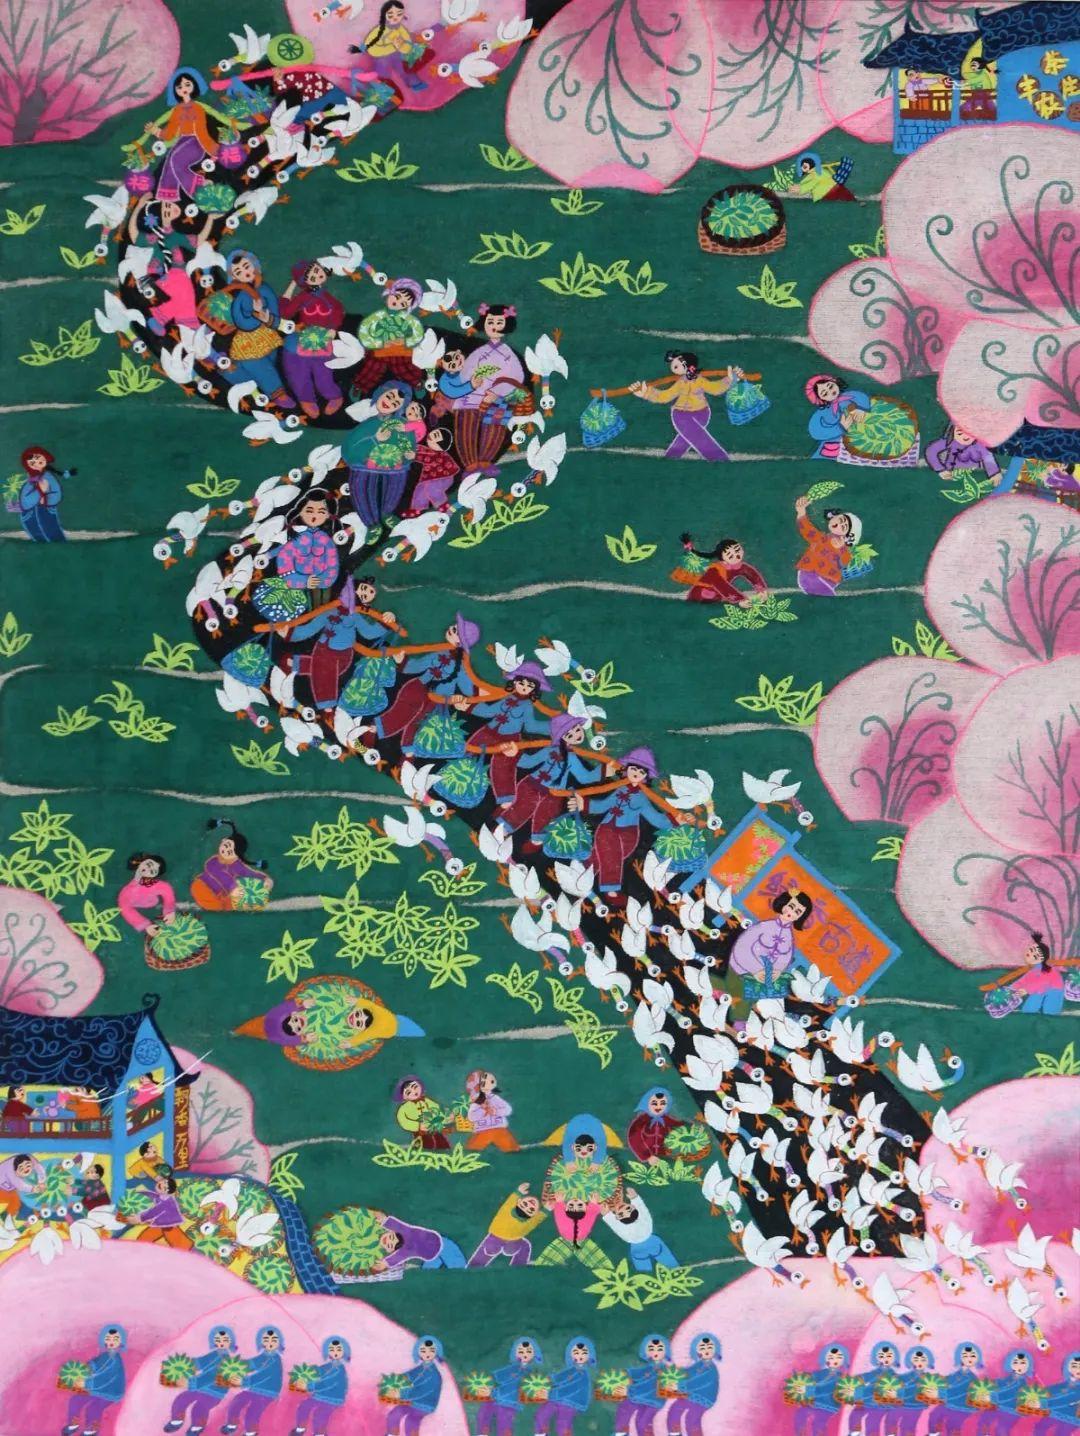 麻布农民画《热闹的茶园》